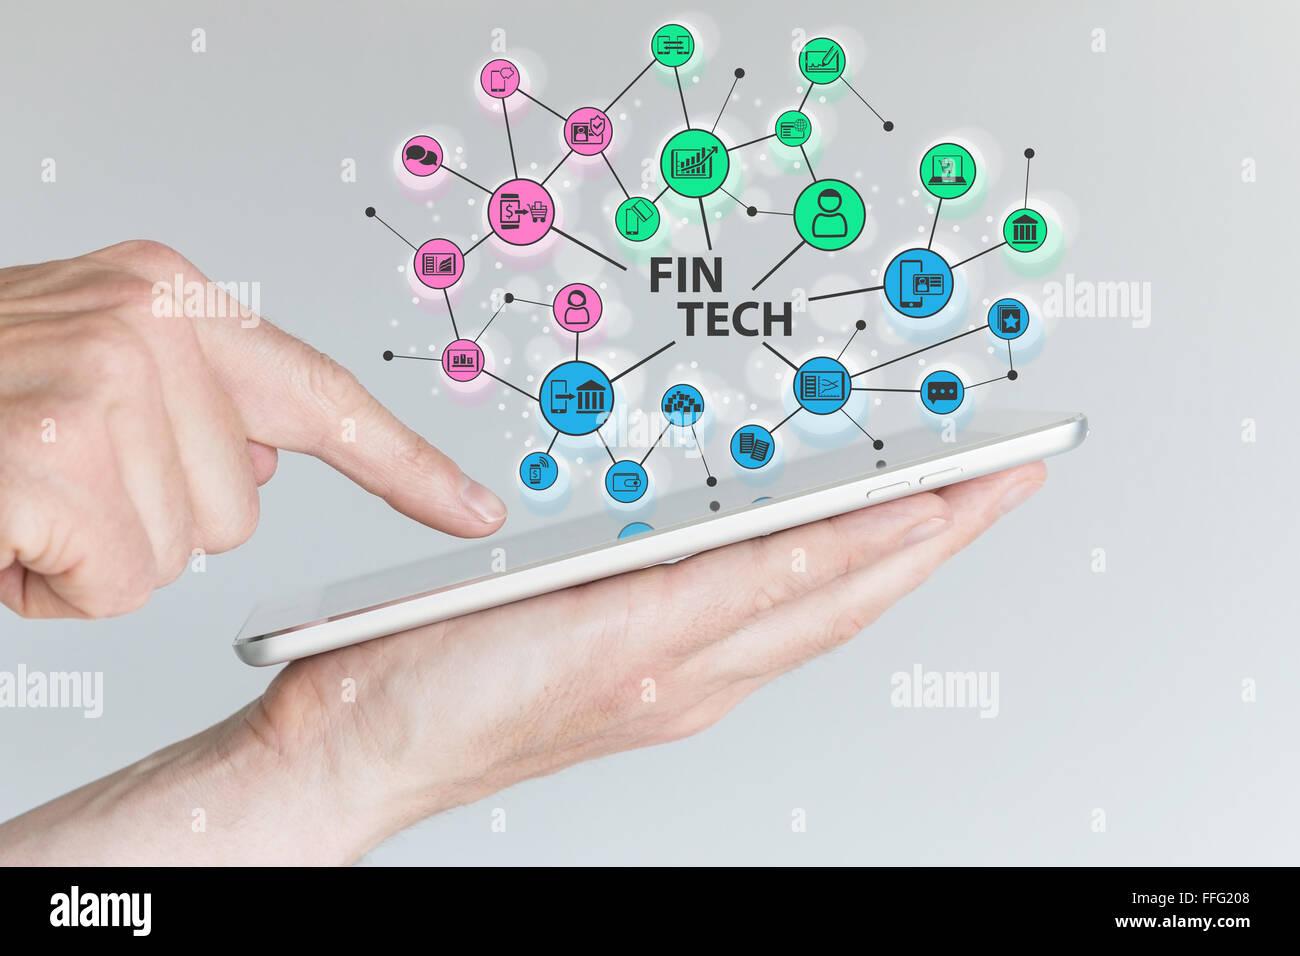 Fin Tech et l'informatique mobile concept. Hand holding tablet avec réseau de la technologie de l'information financière d'objets devant Banque D'Images